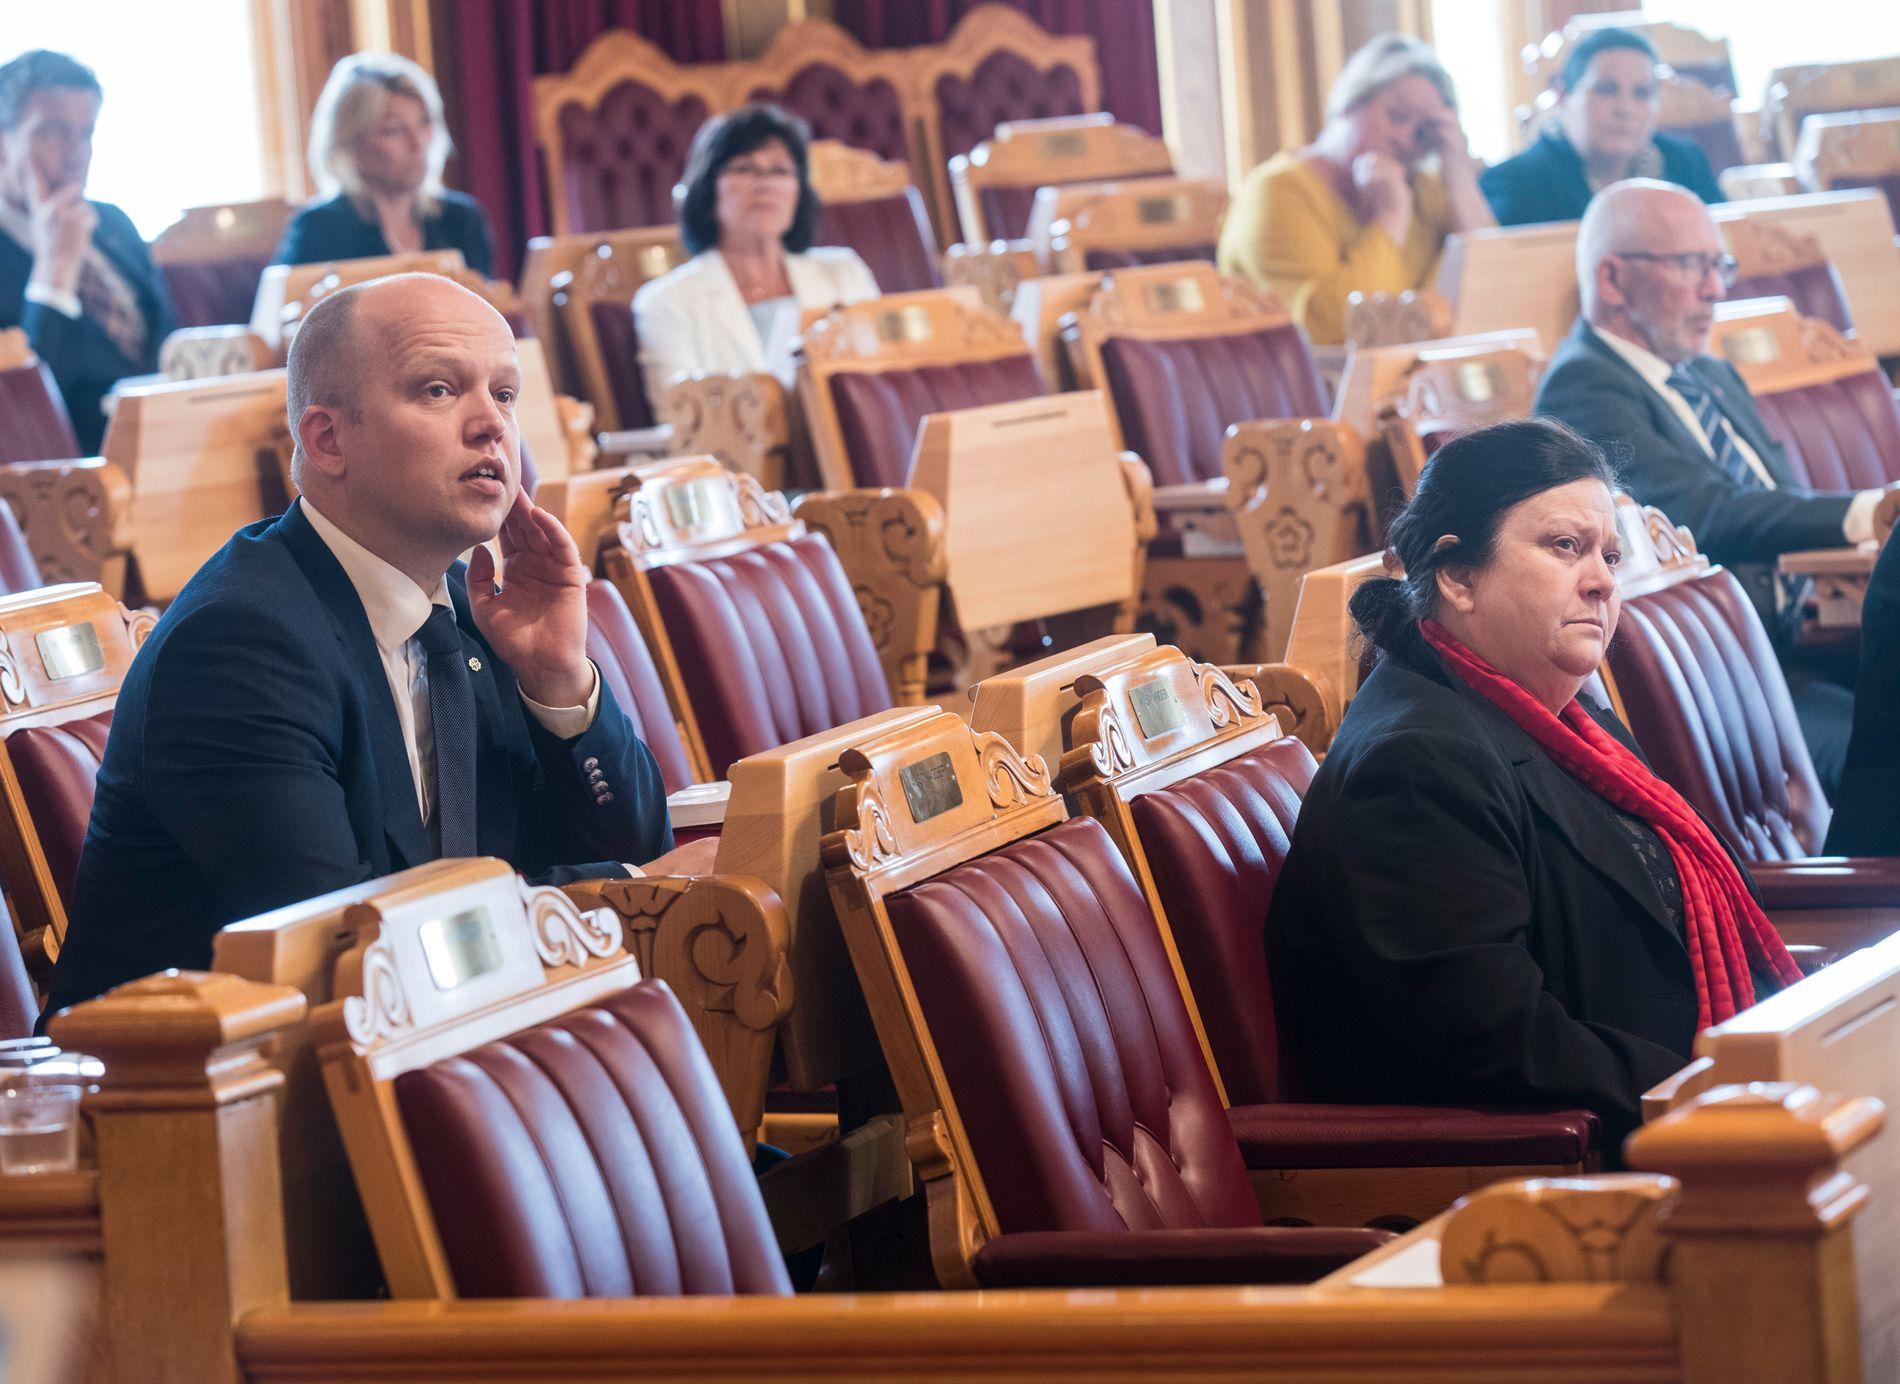 STEMTE «FEIL»: Her stemmer Godskesen mot resten av Frps partigruppe. Det skulle få konsekvenser.